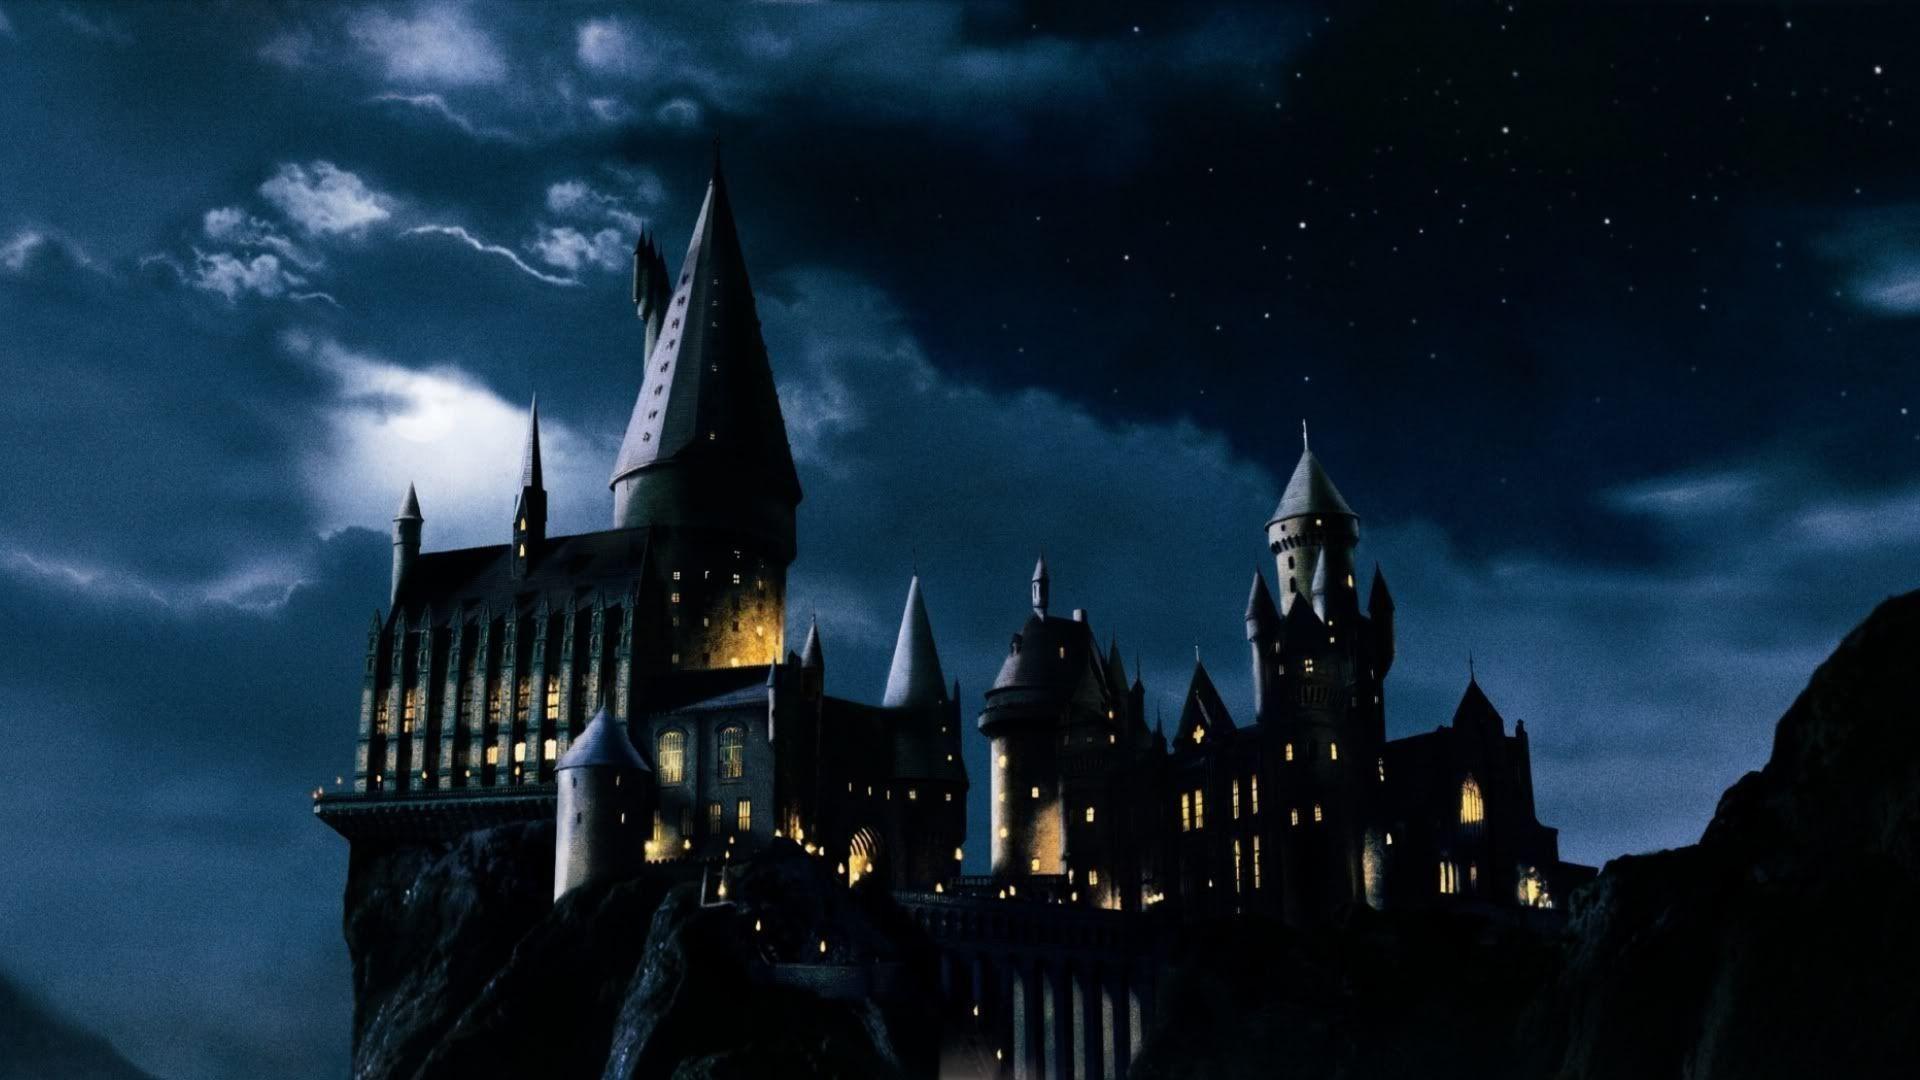 Hogwarts-castle-wallpaper.jpg